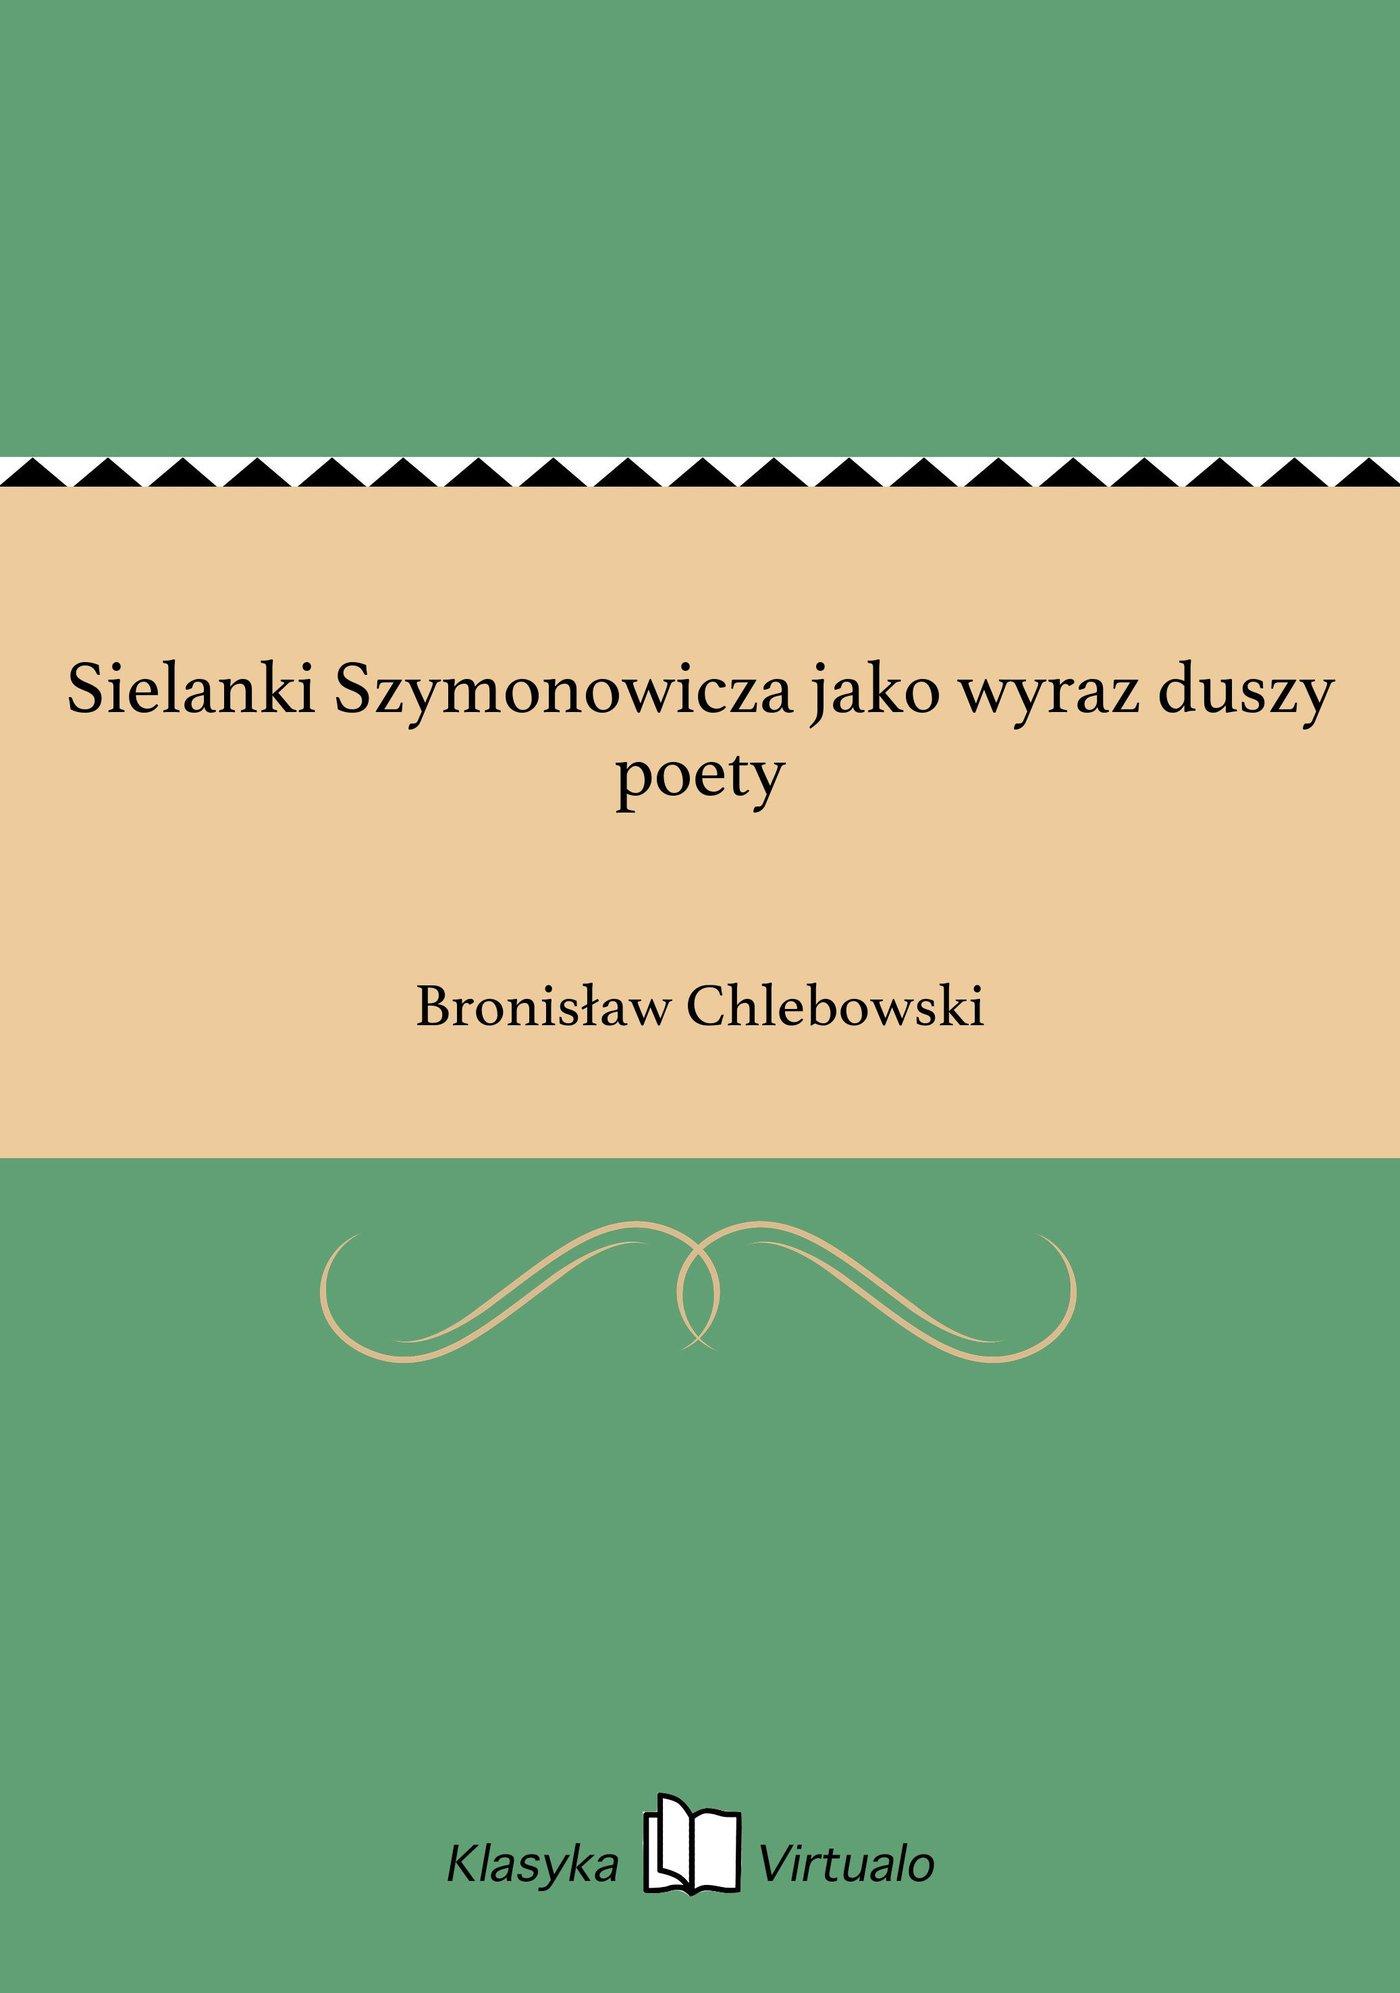 Sielanki Szymonowicza jako wyraz duszy poety - Ebook (Książka EPUB) do pobrania w formacie EPUB